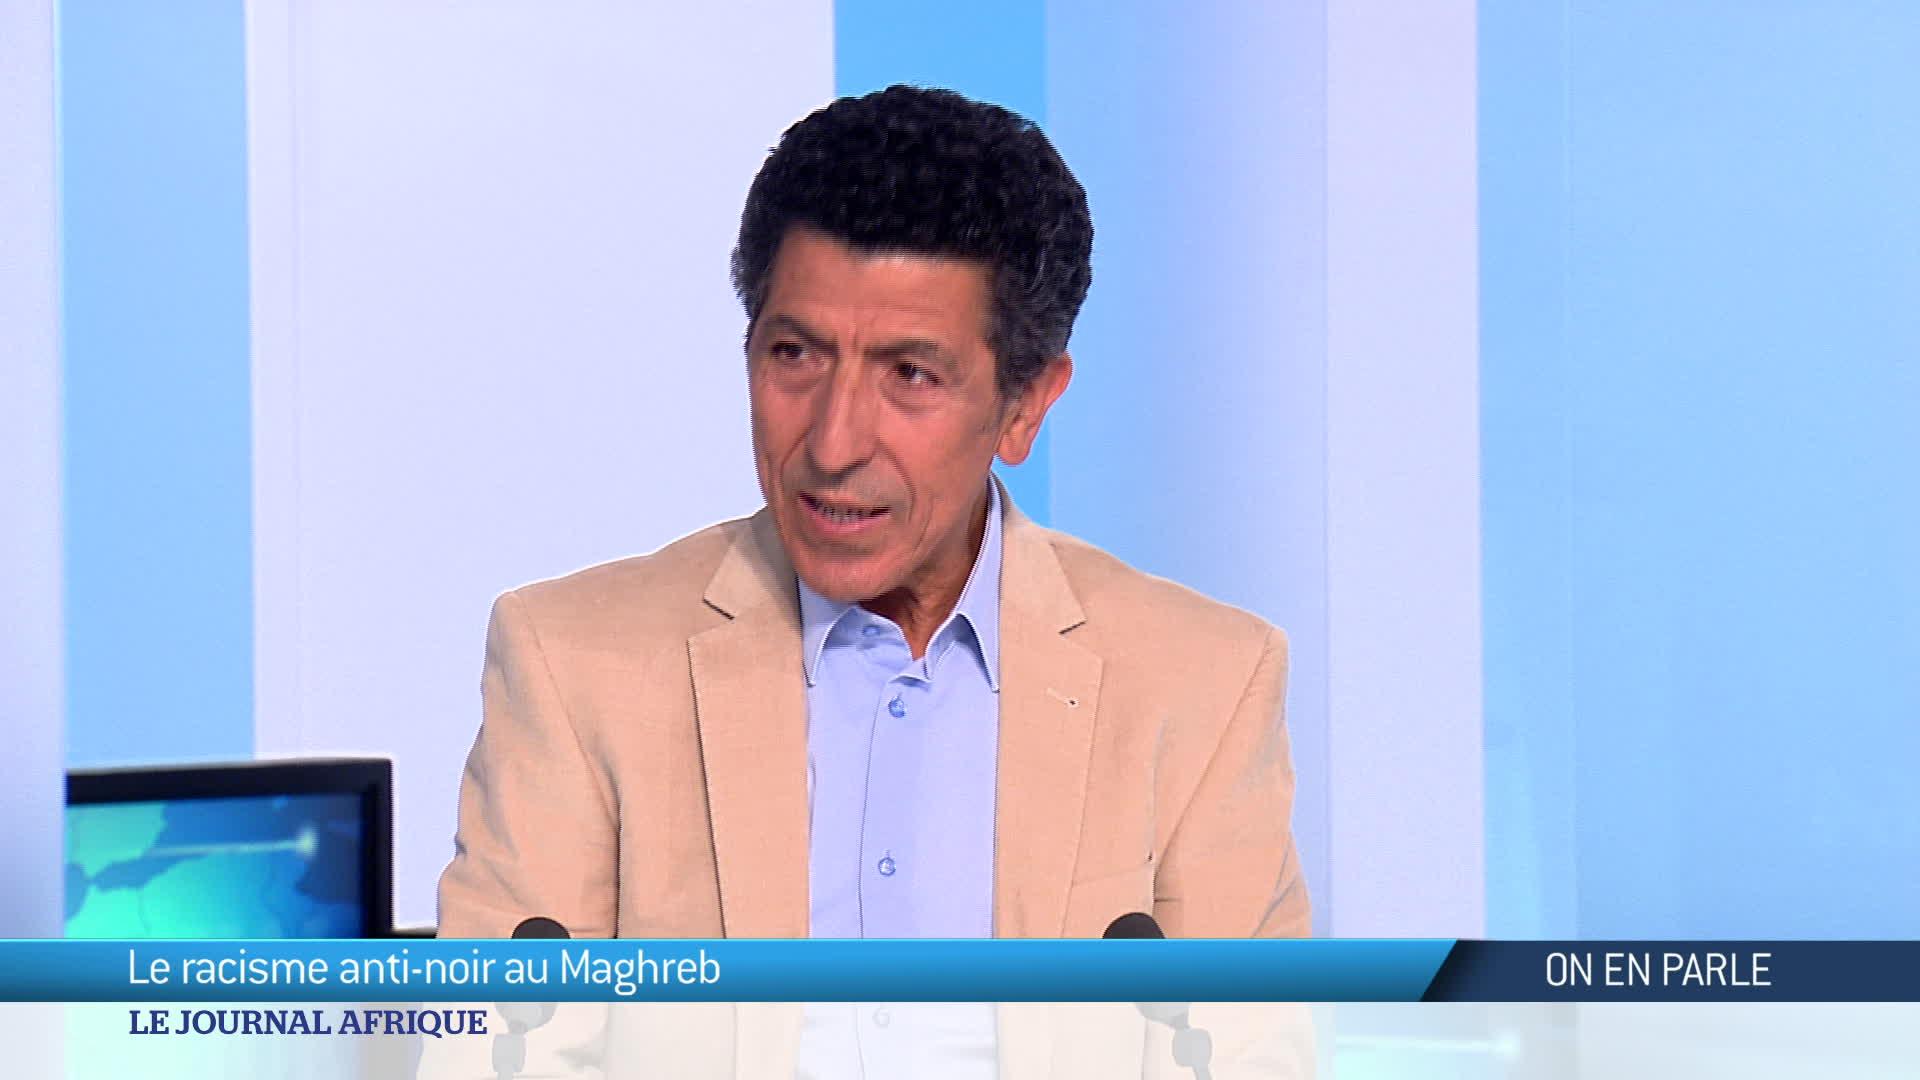 On en parle : le racisme anti-noir au Maghreb